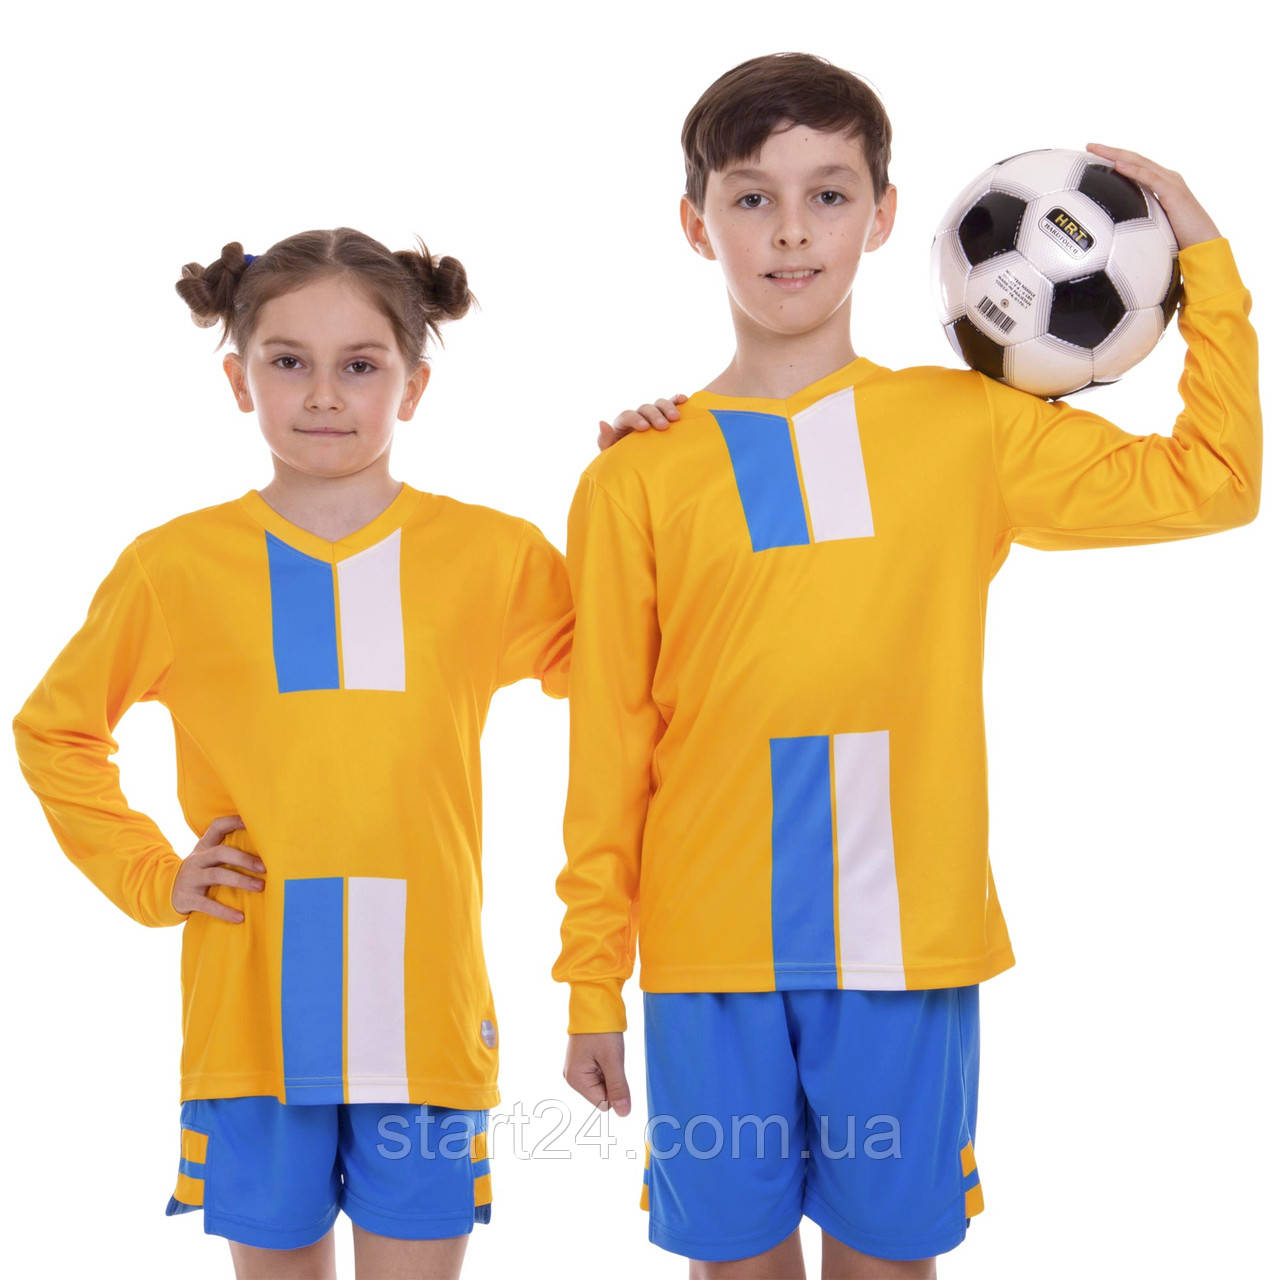 Форма футбольная подростковая с длинным рукавом SP-Sport CO-2001B-1 (PL, р-р 24-30, 120-150см, цвета в